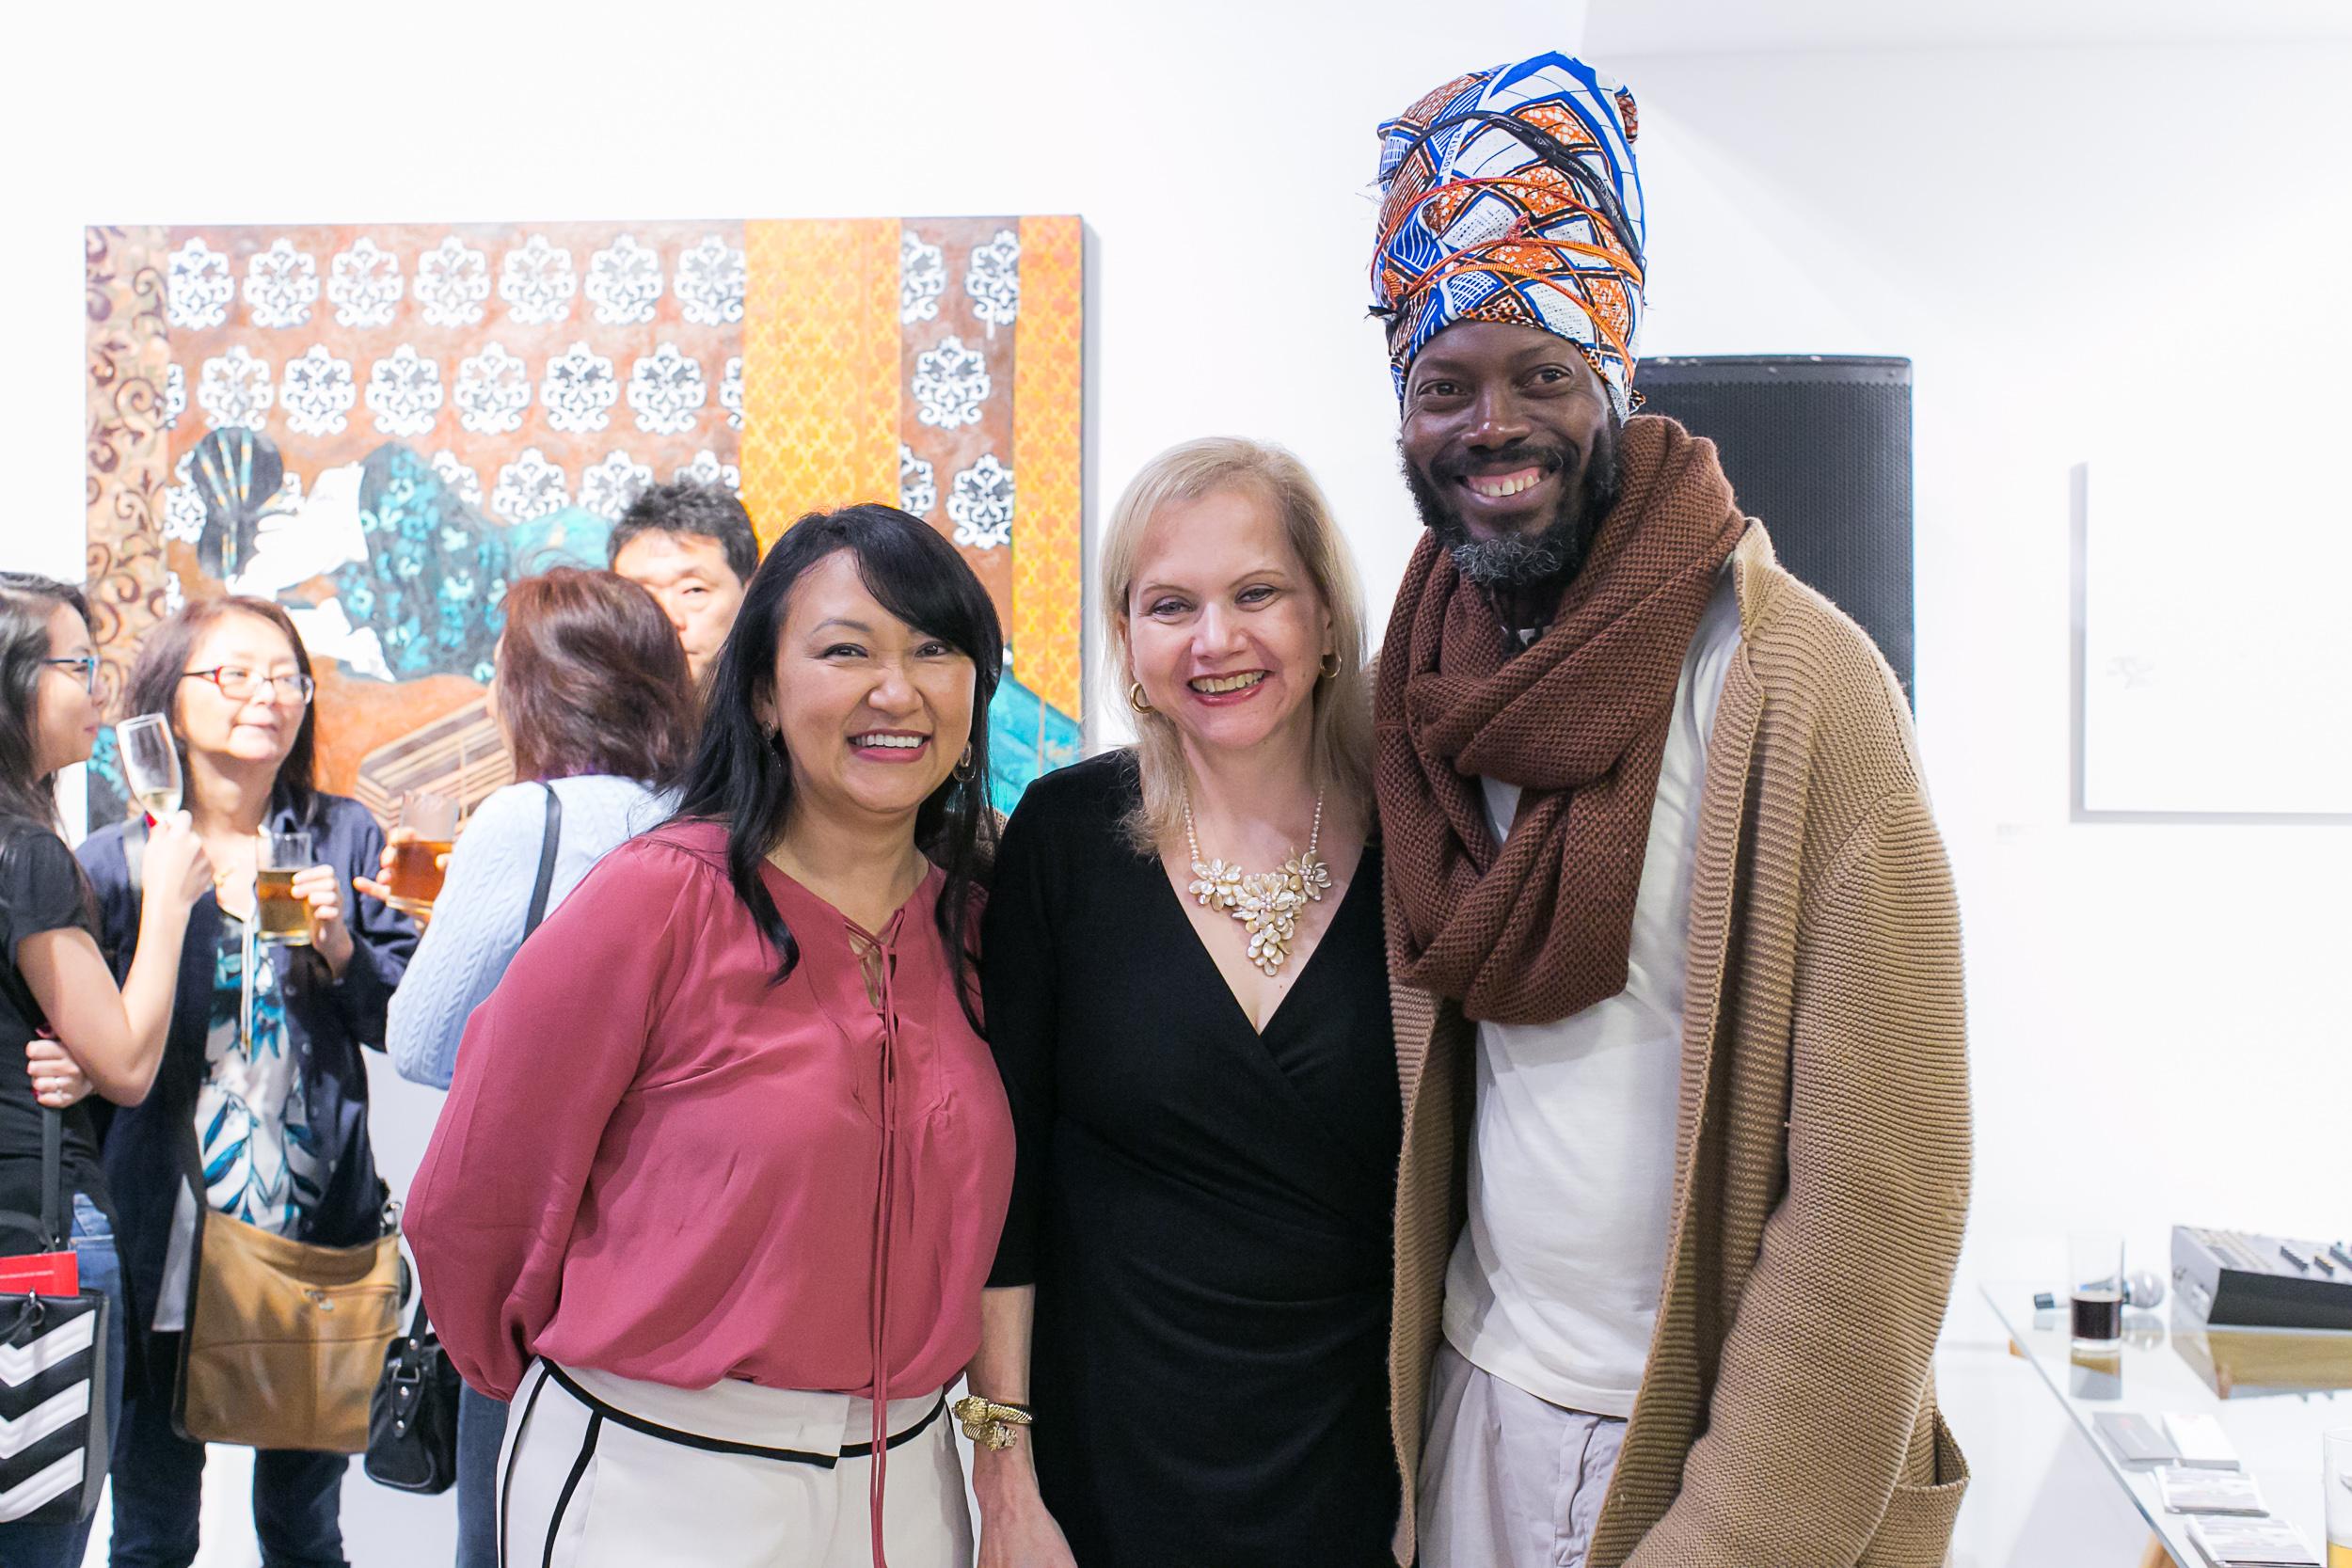 Zuleika Bisacchi com os artistas Sandra Hiromoto e Joachim Silué, da Costa do Marfim, atualmente radicado na Itália. Foto: Marcelo Elias.